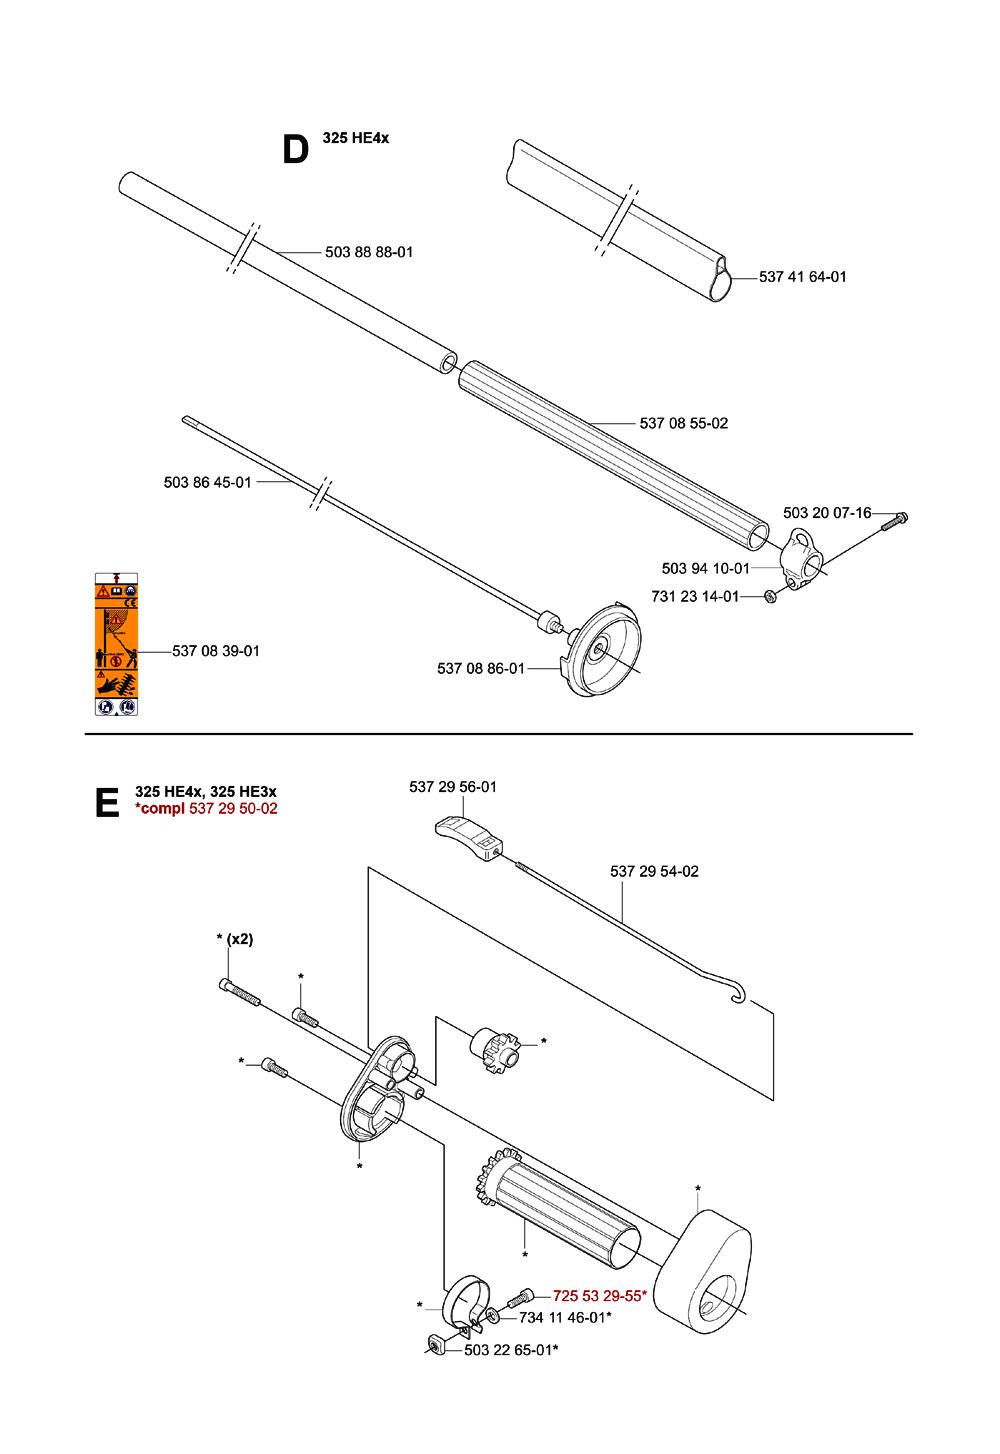 325HE4X-(5440959-02)-Husqvarna-PB-3Break Down